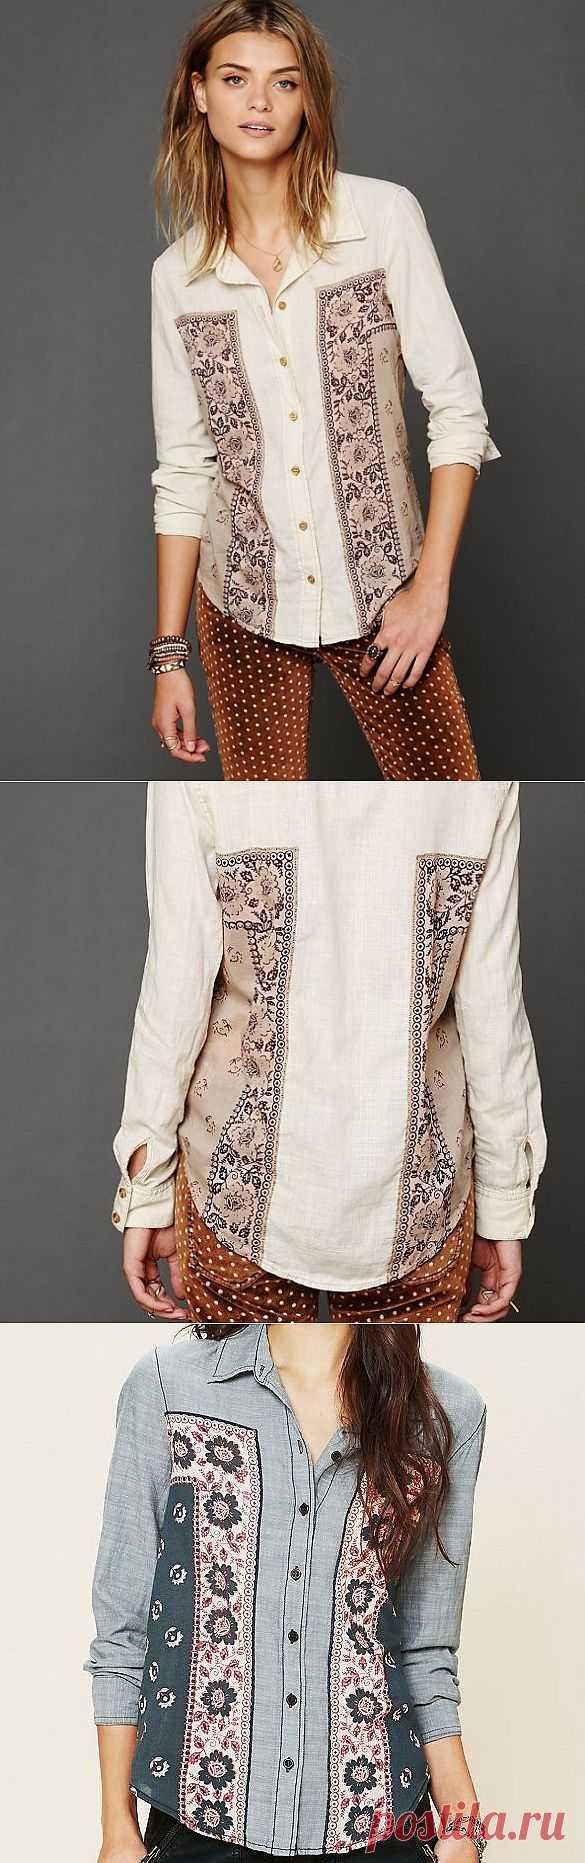 Рубашка+платок / Рубашки / Модный сайт о стильной переделке одежды и интерьера